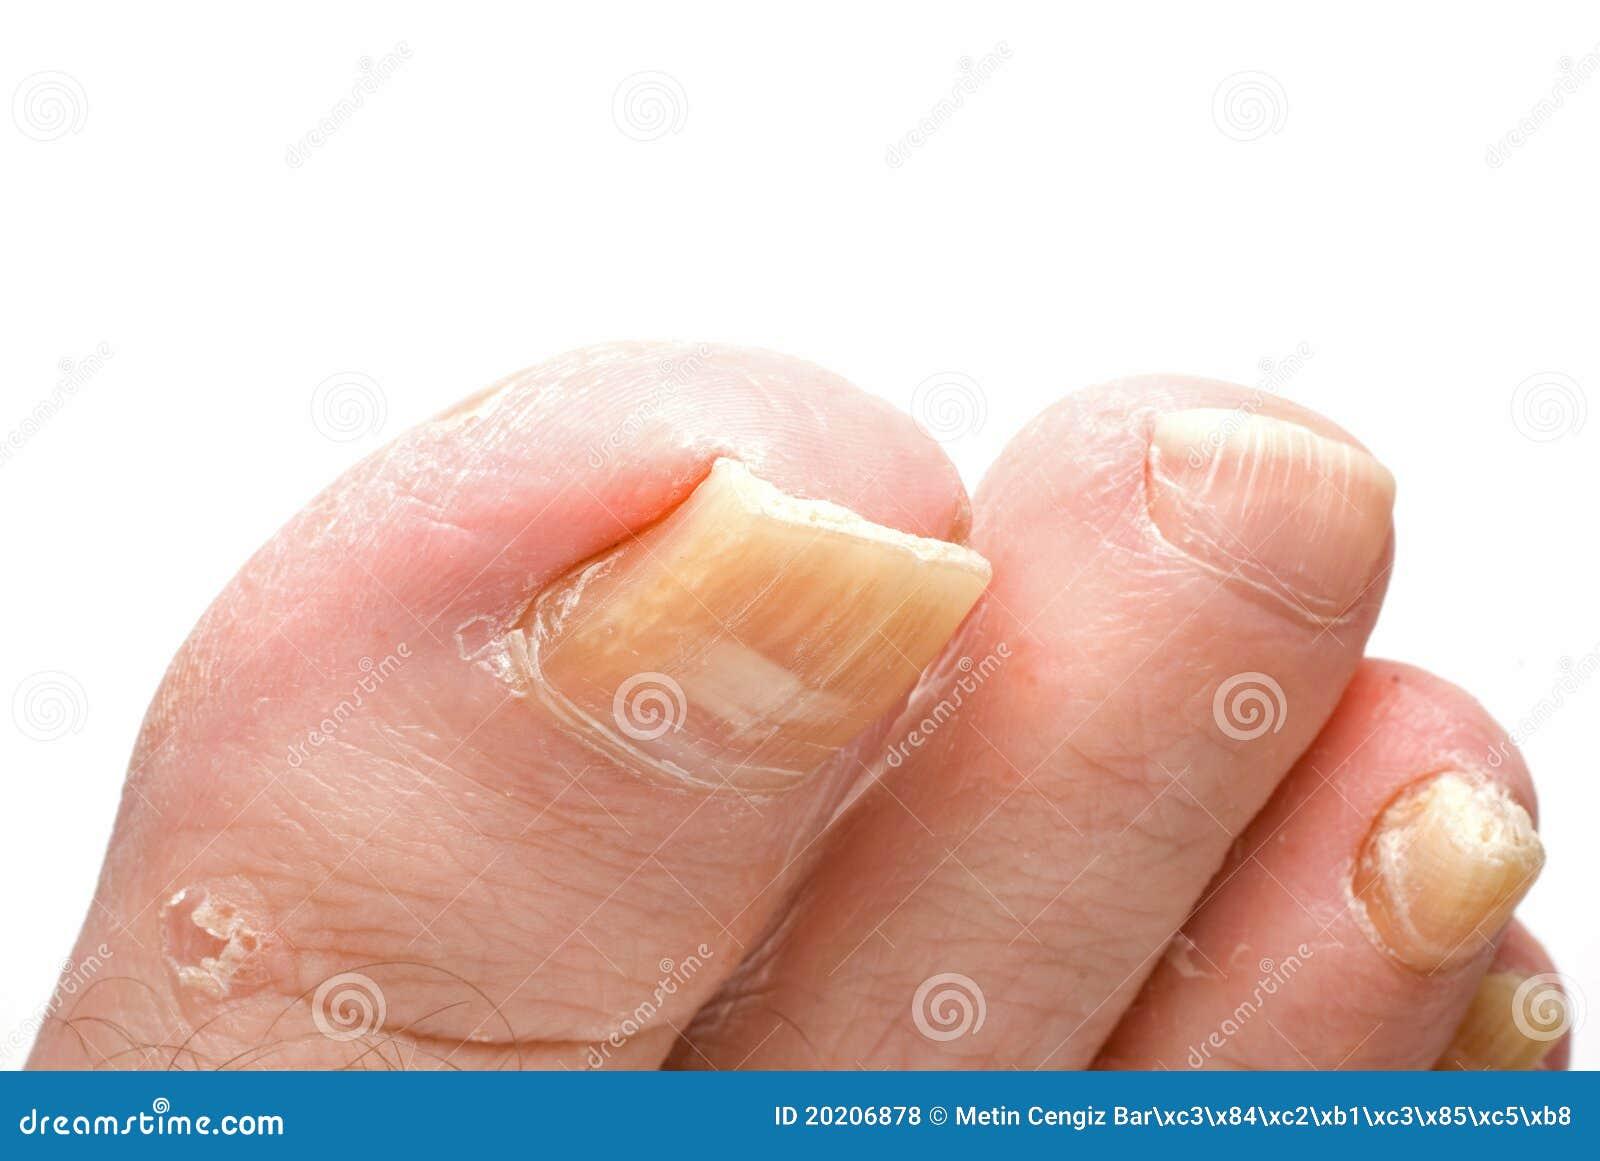 Los hilos del hongo sobre las uñas